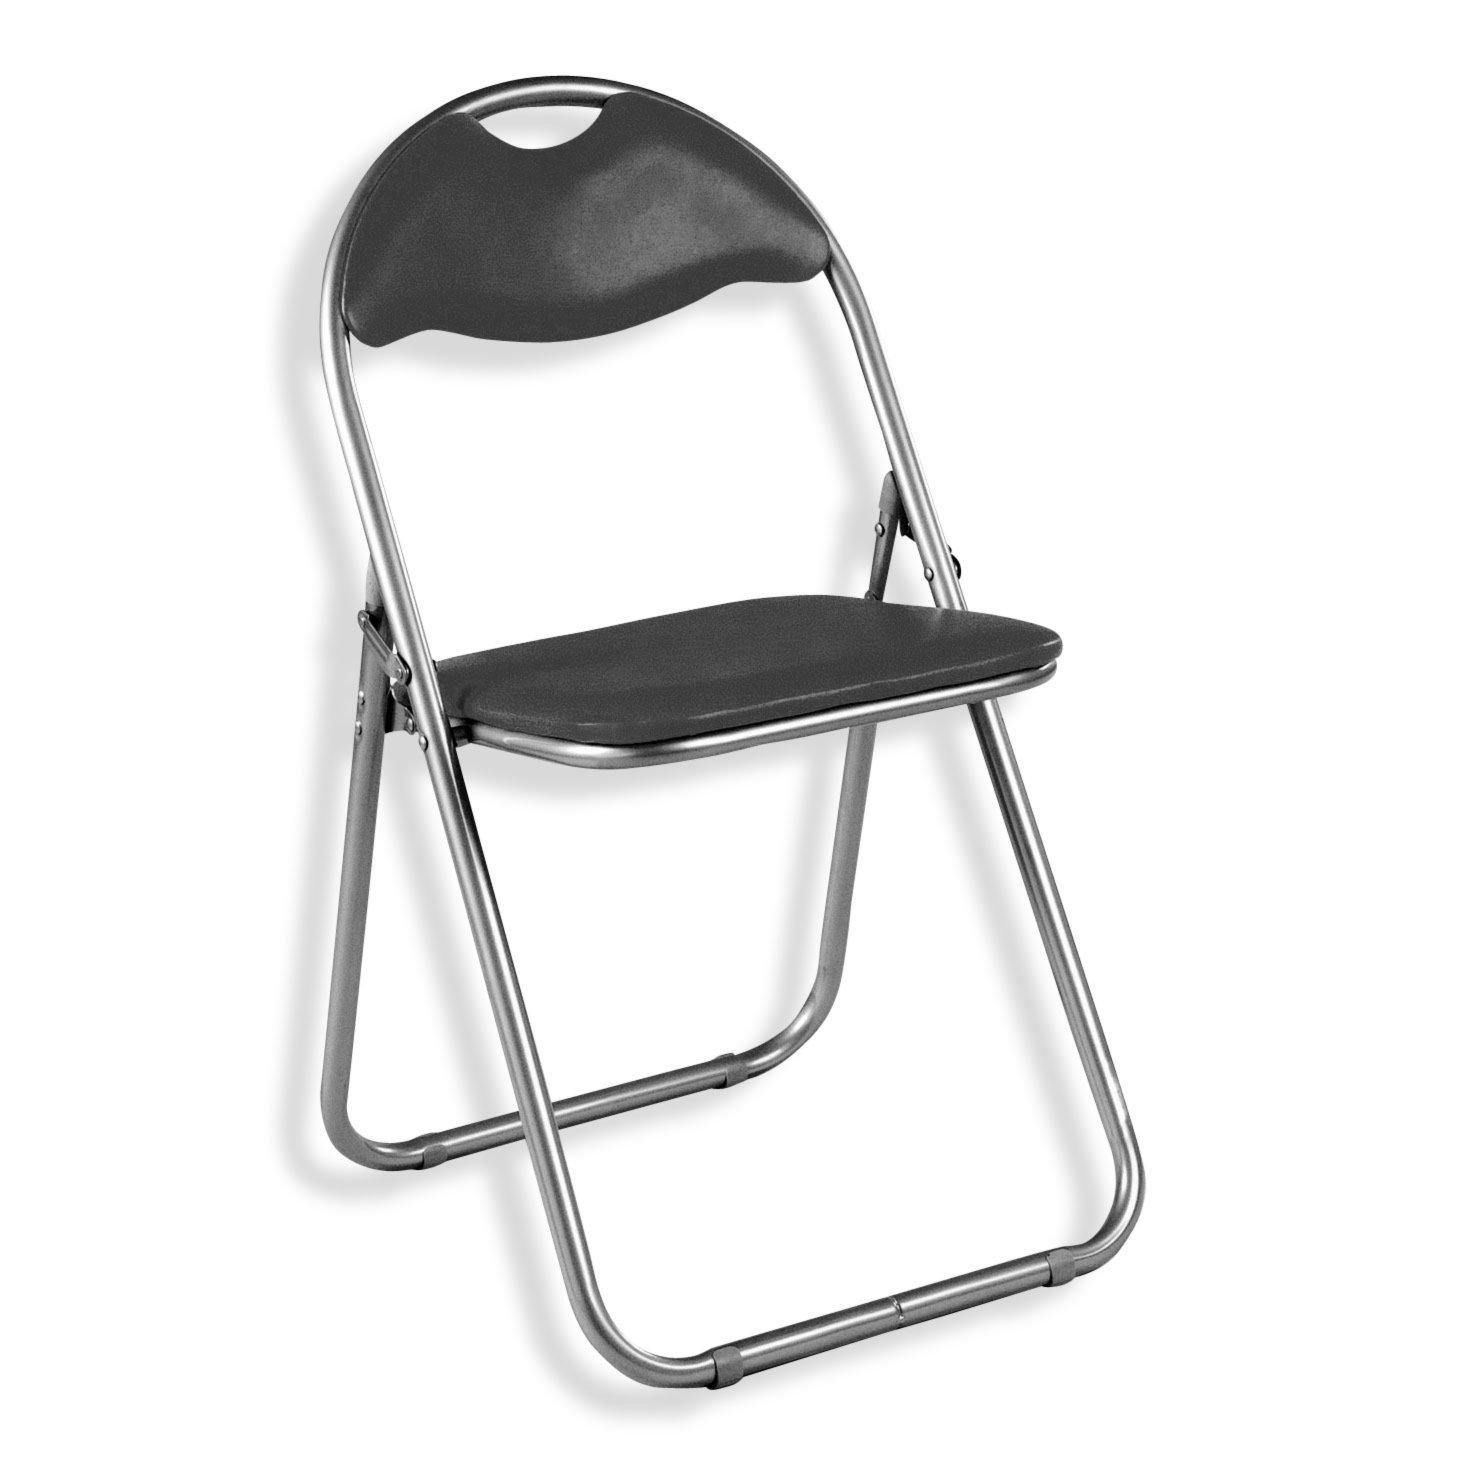 klappstuhl black schwarz kunstleder klappst hle st hle st hle hocker m bel. Black Bedroom Furniture Sets. Home Design Ideas